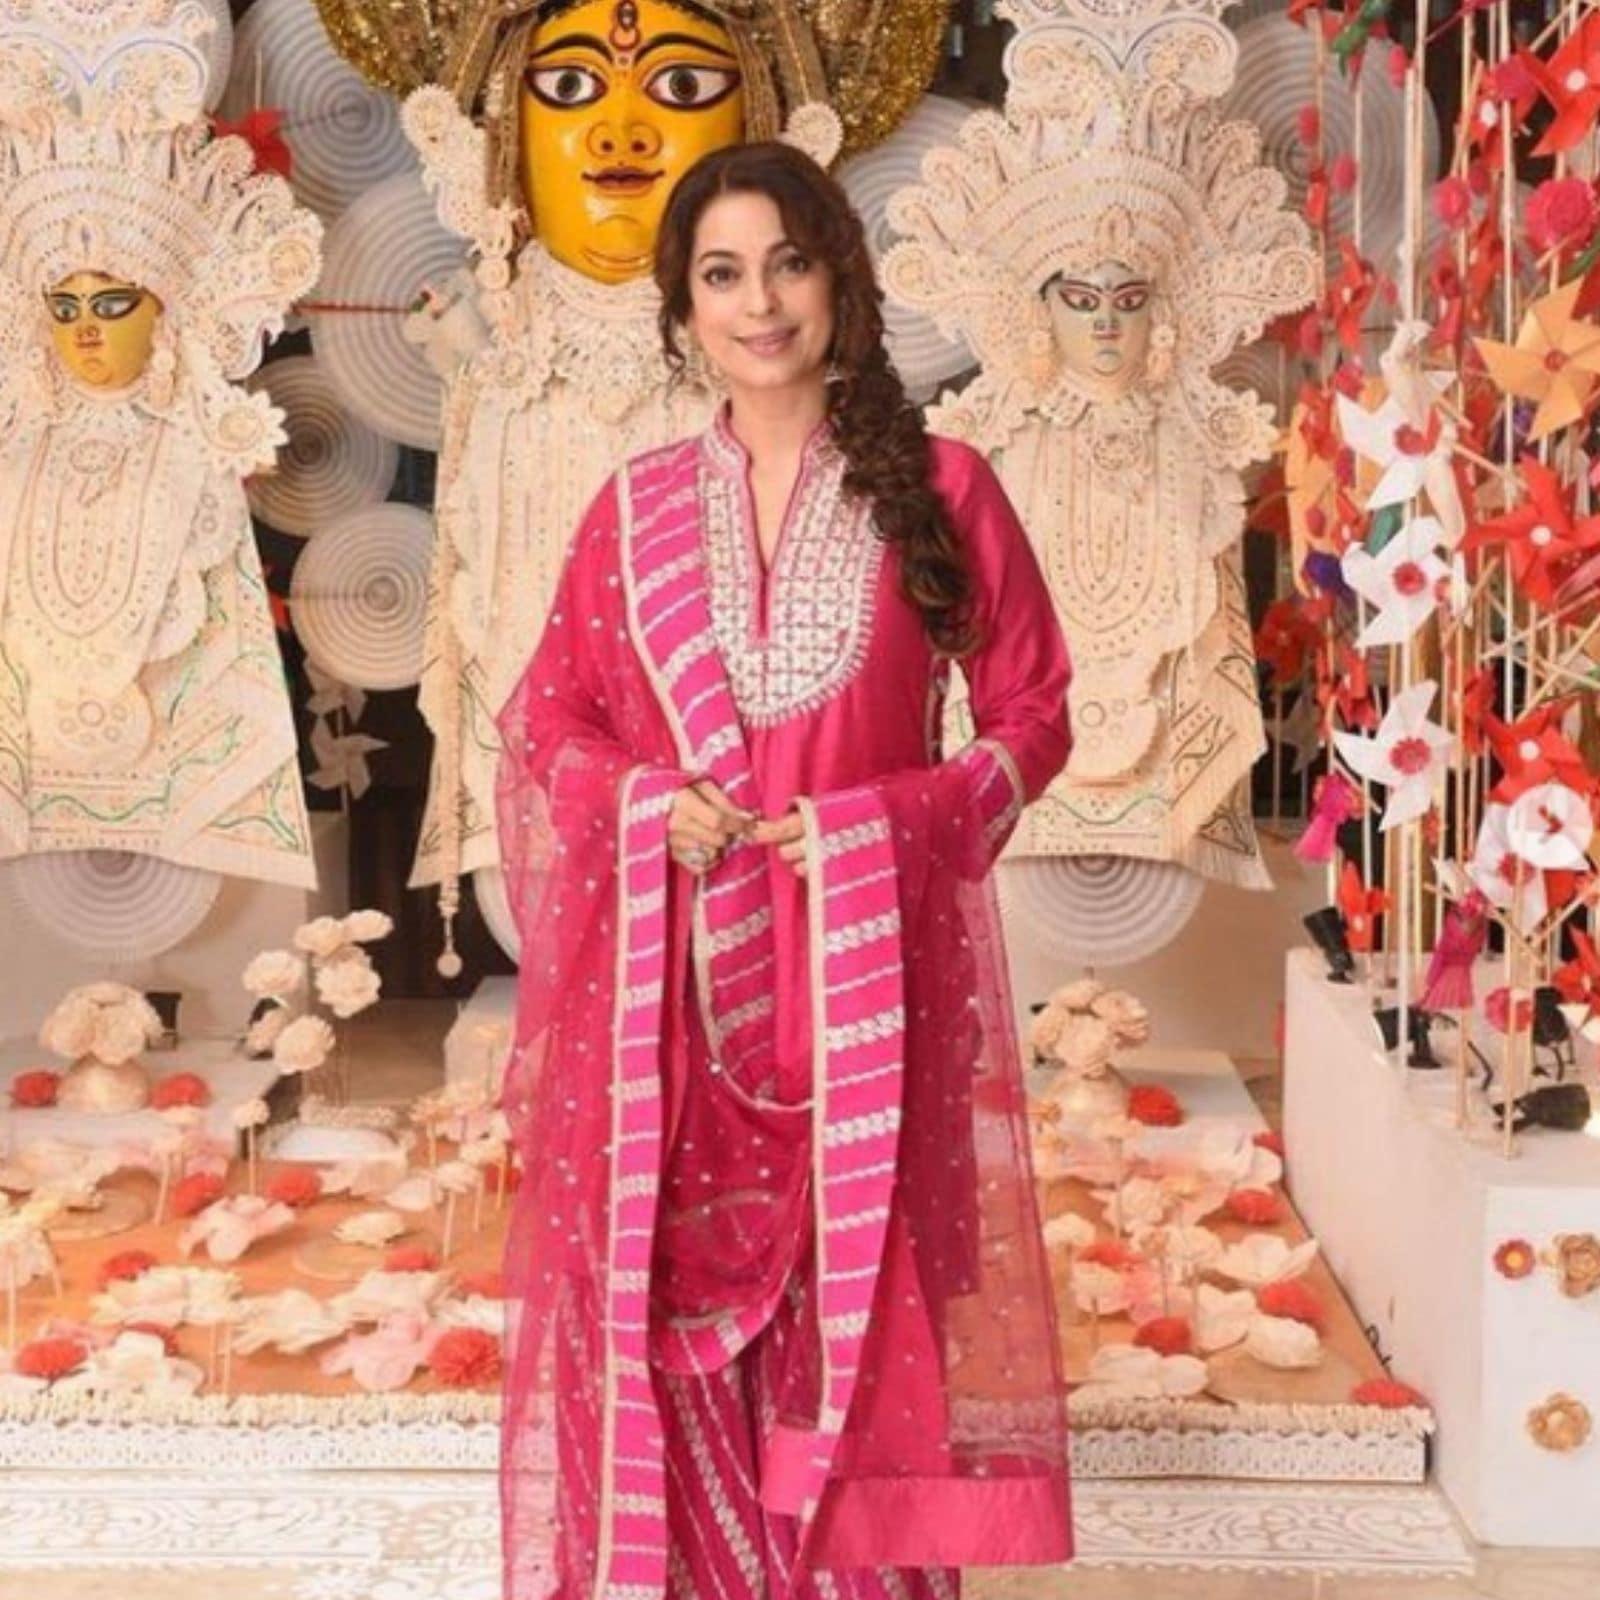 नवरात्री स्पेशल ये आउटफिट जूही चावला के वार्डरोब से है. आप पिंक कलर के कुर्ते के साथ स्ट्रिप्ड शरारा और मैचिंग दुपट्टा पहनें. (Image- Instagram/Juhi Chawla)